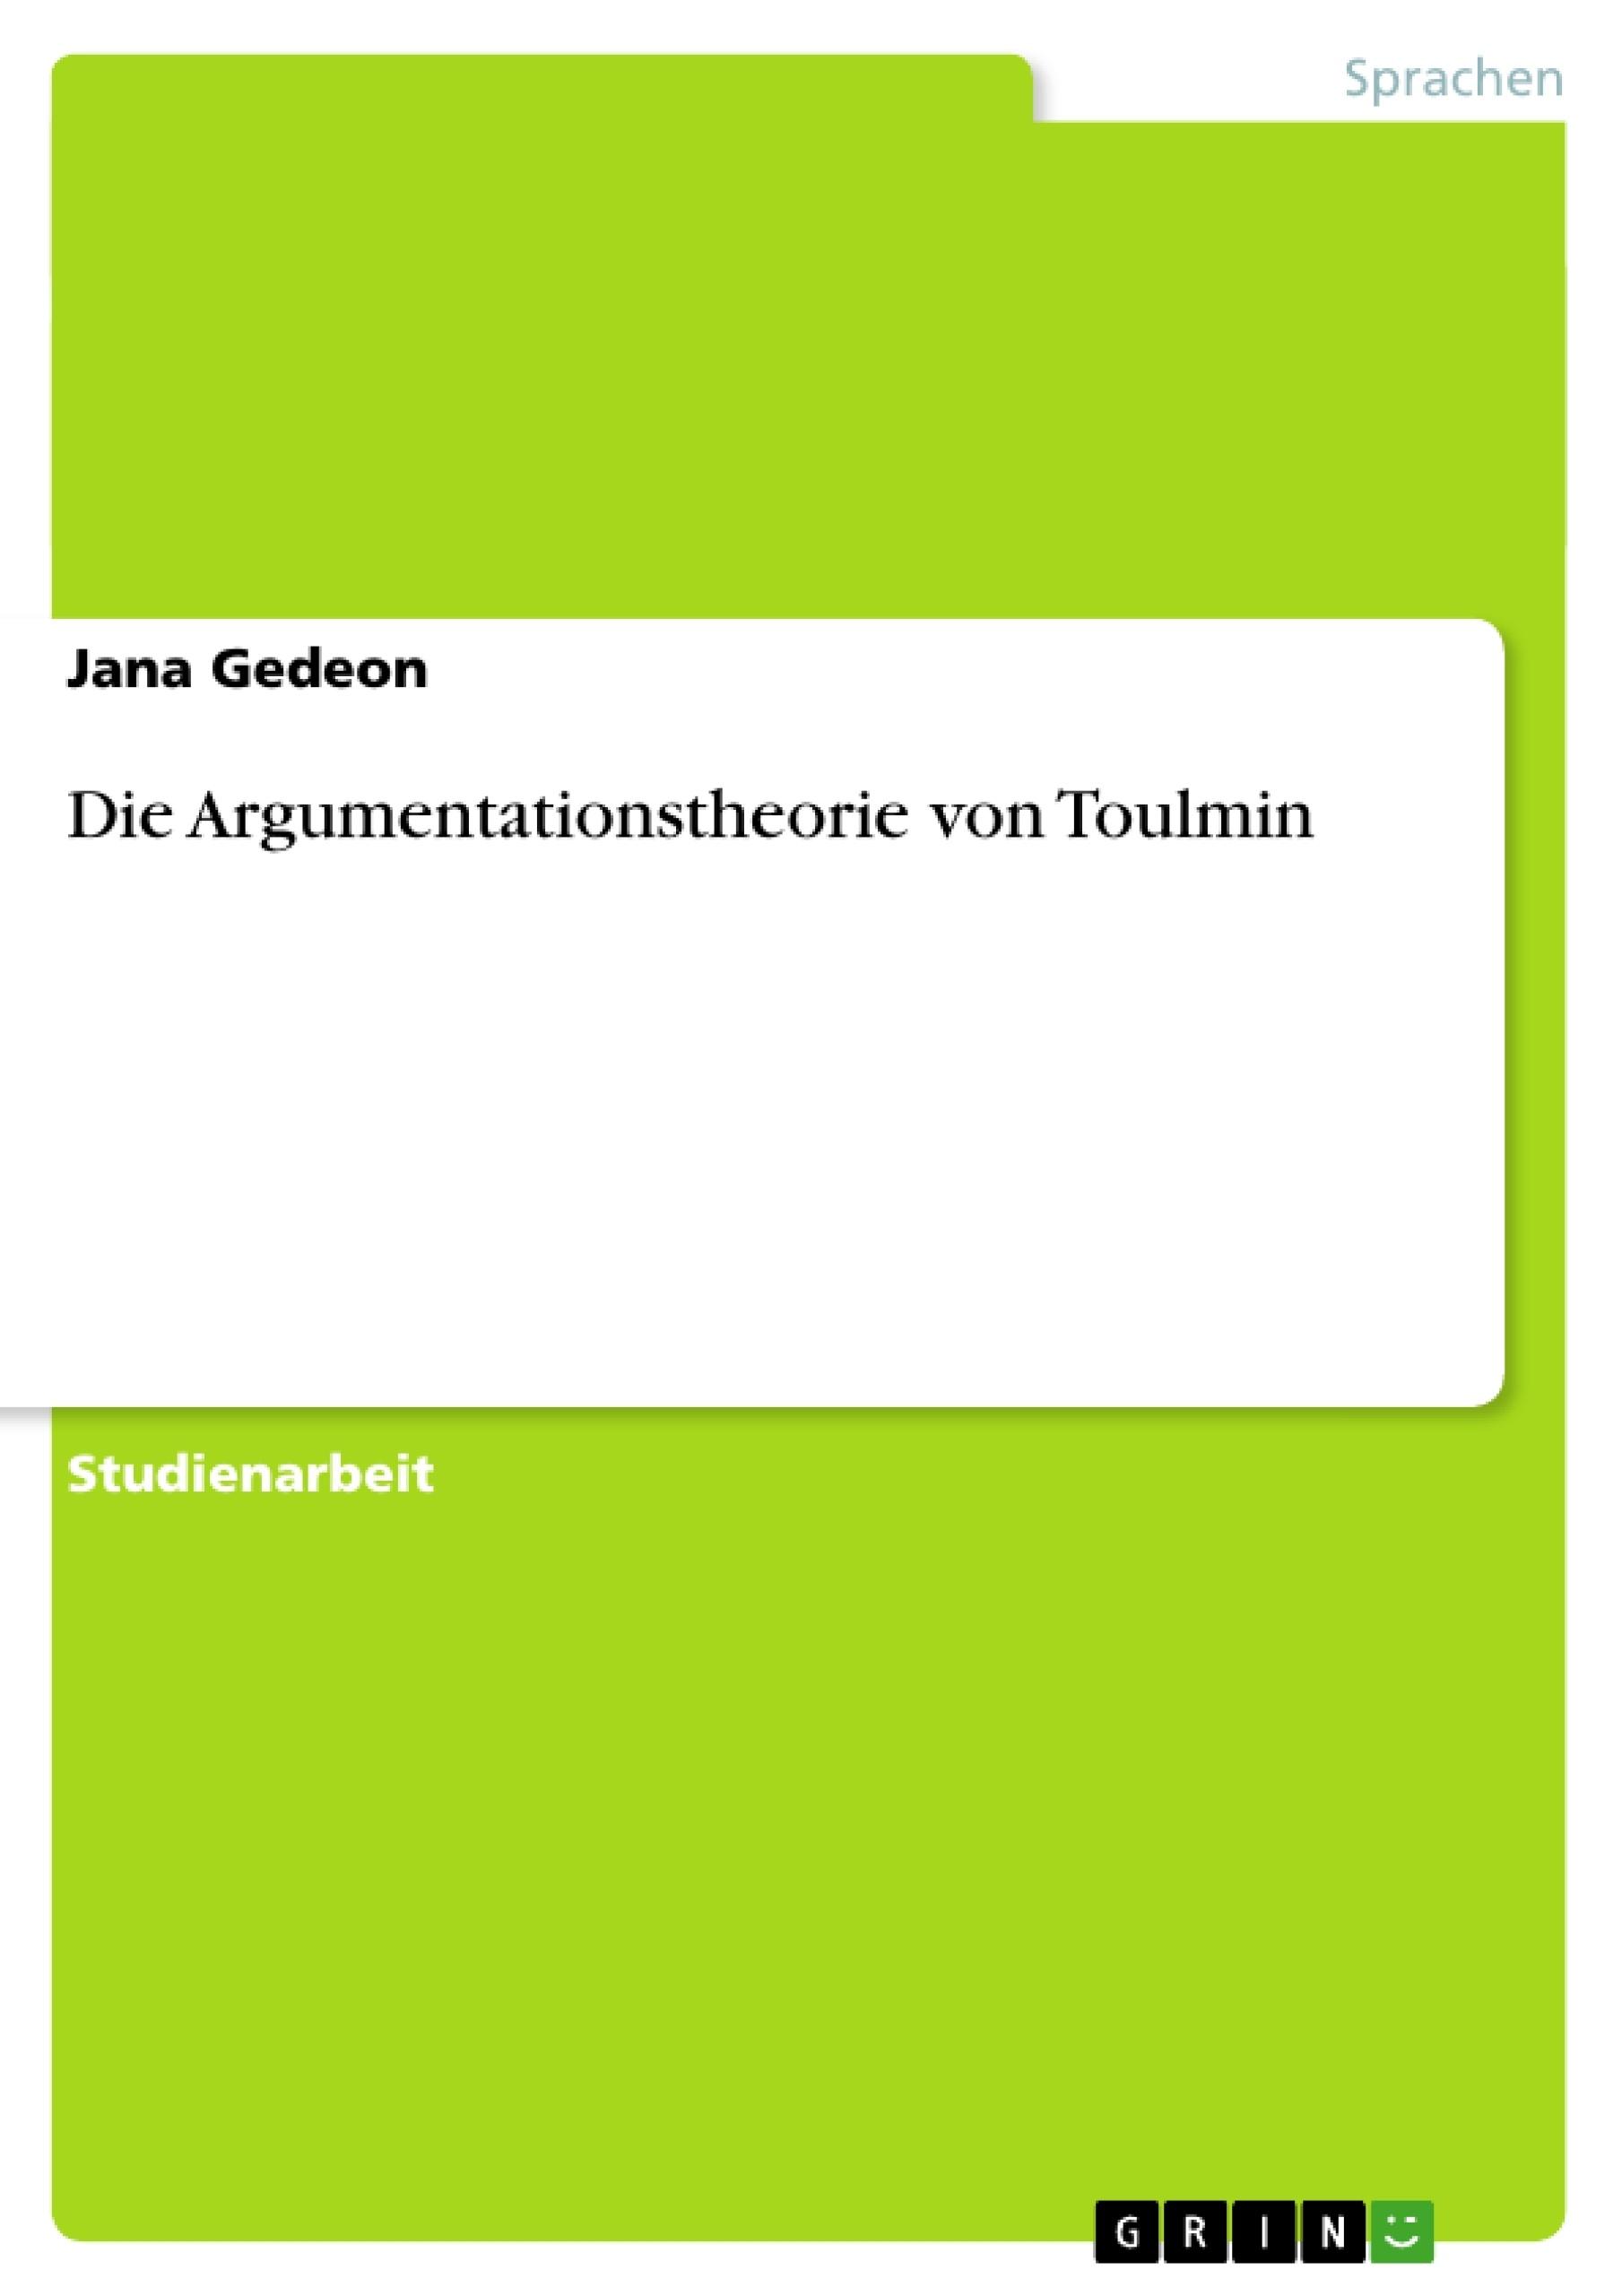 Titel: Die Argumentationstheorie von Toulmin